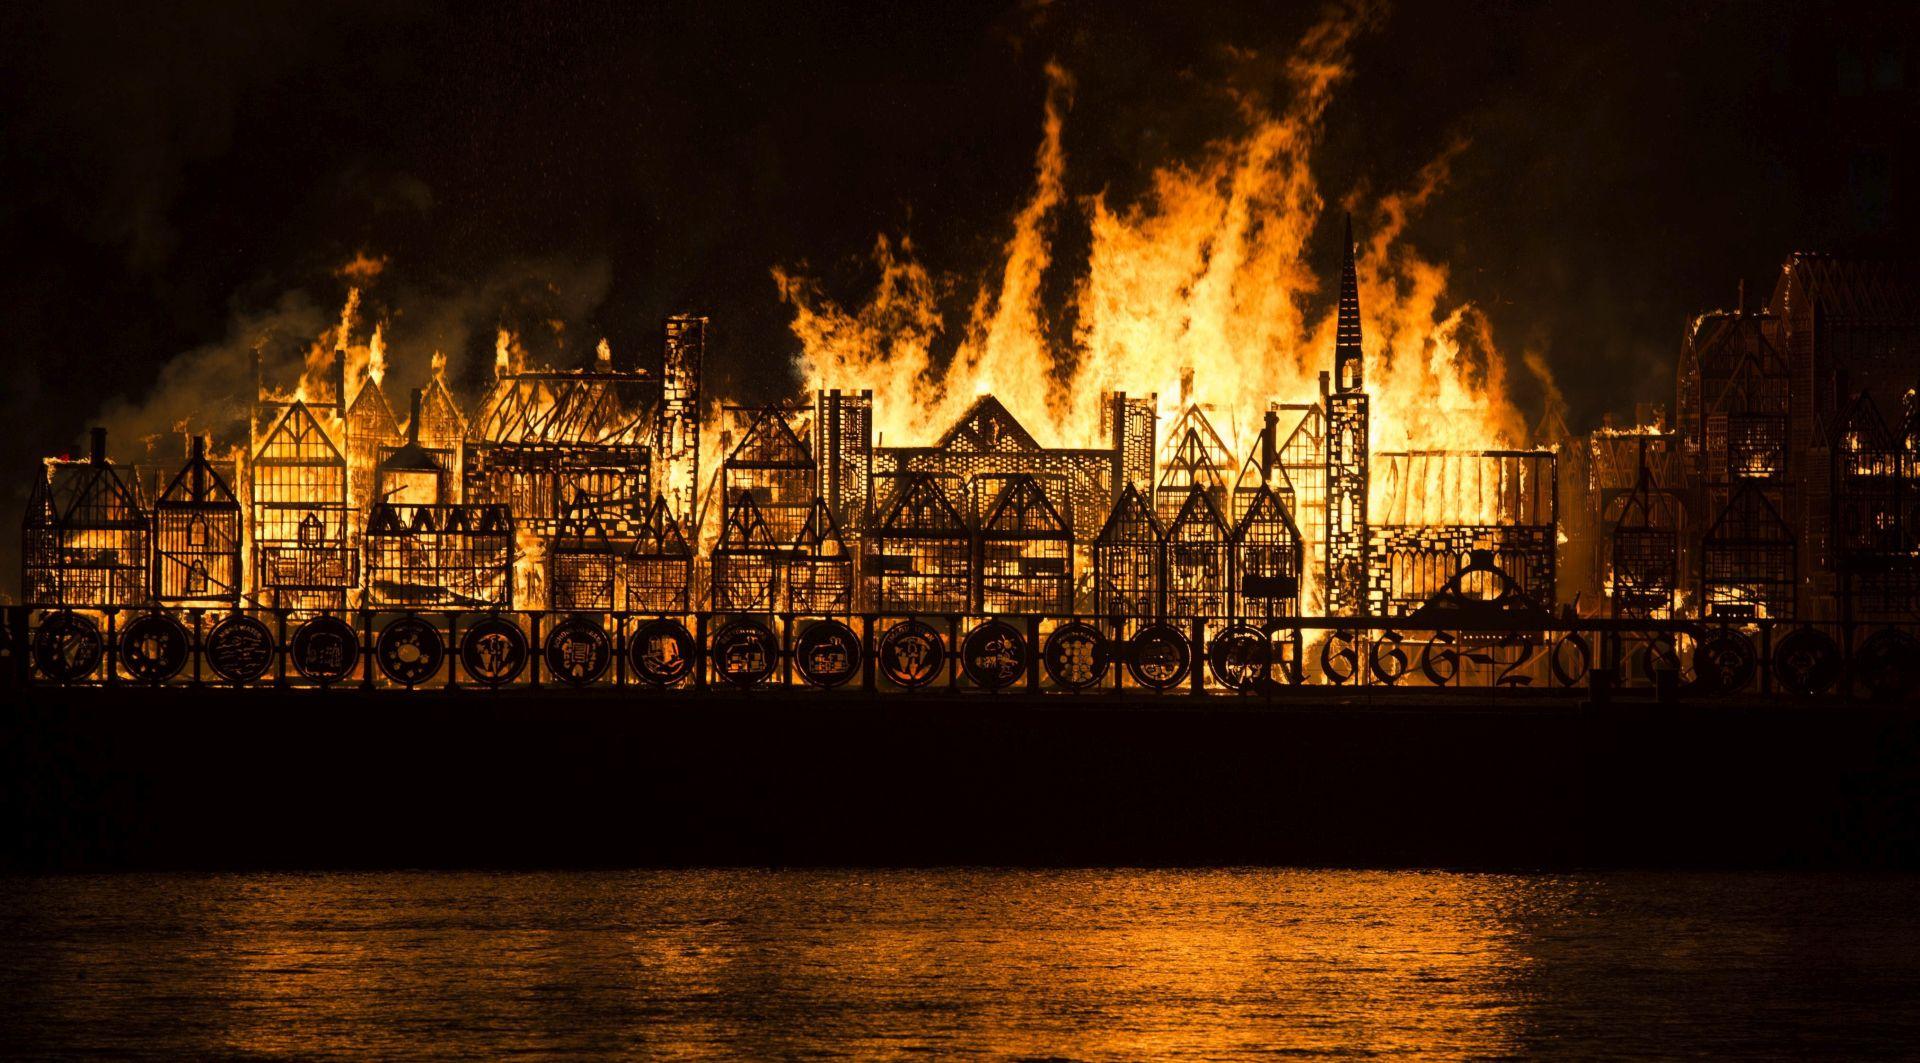 London iz 17. stoljeća ponovo izgorio